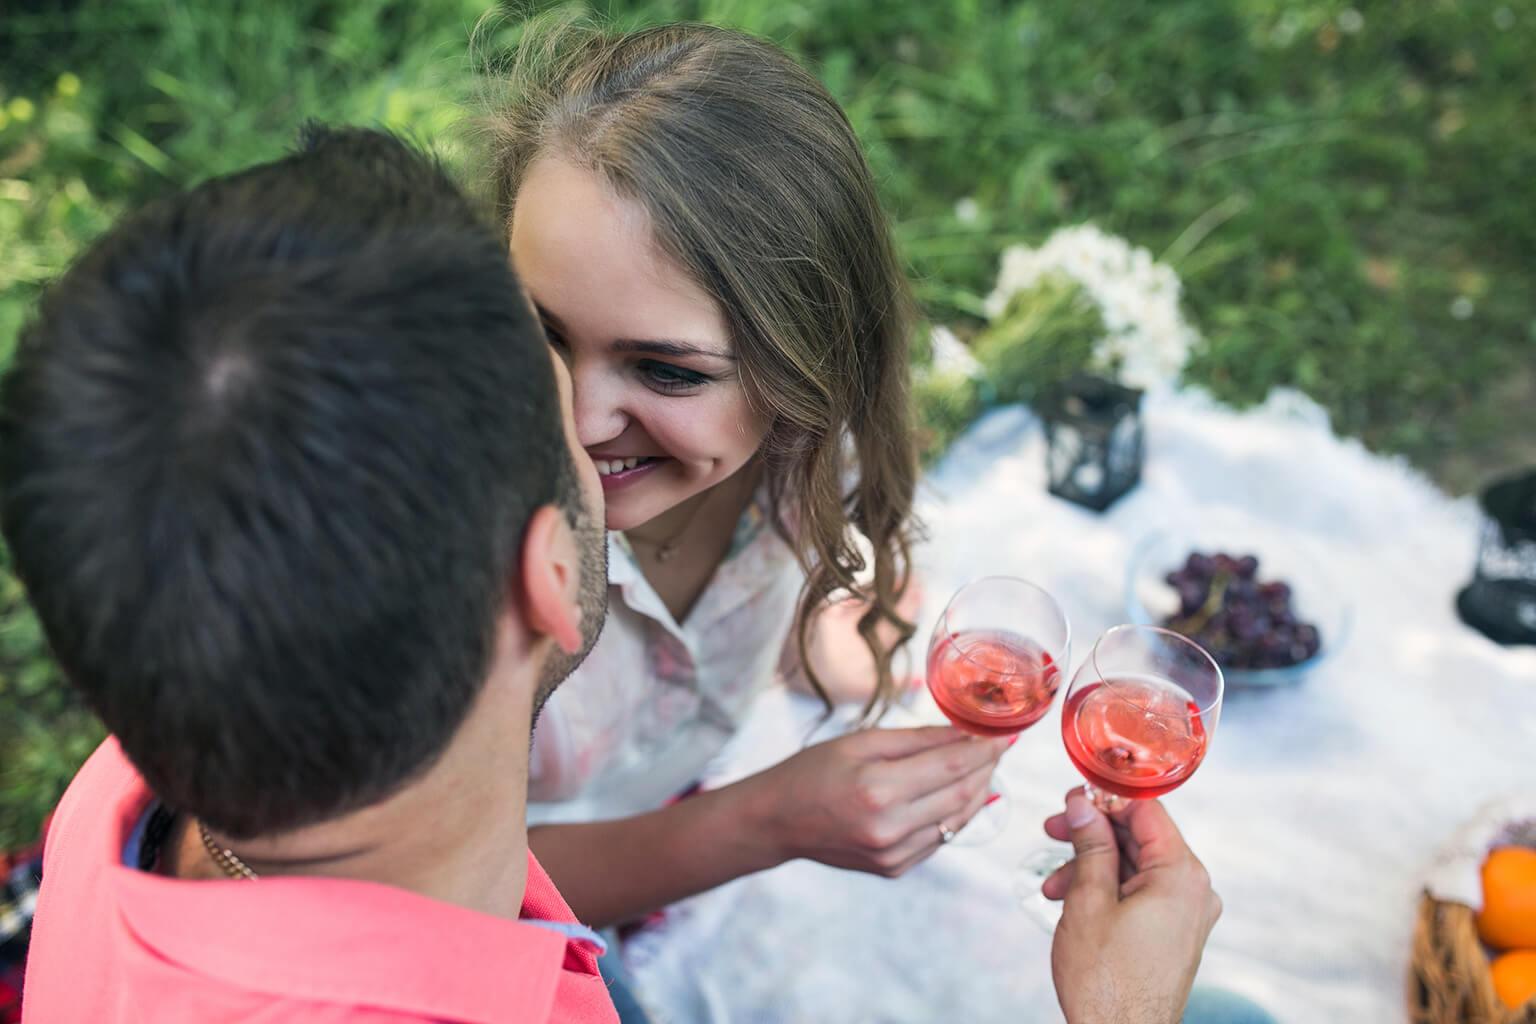 Pareja en un picnic,sonrientes y brindando con vino rosado.